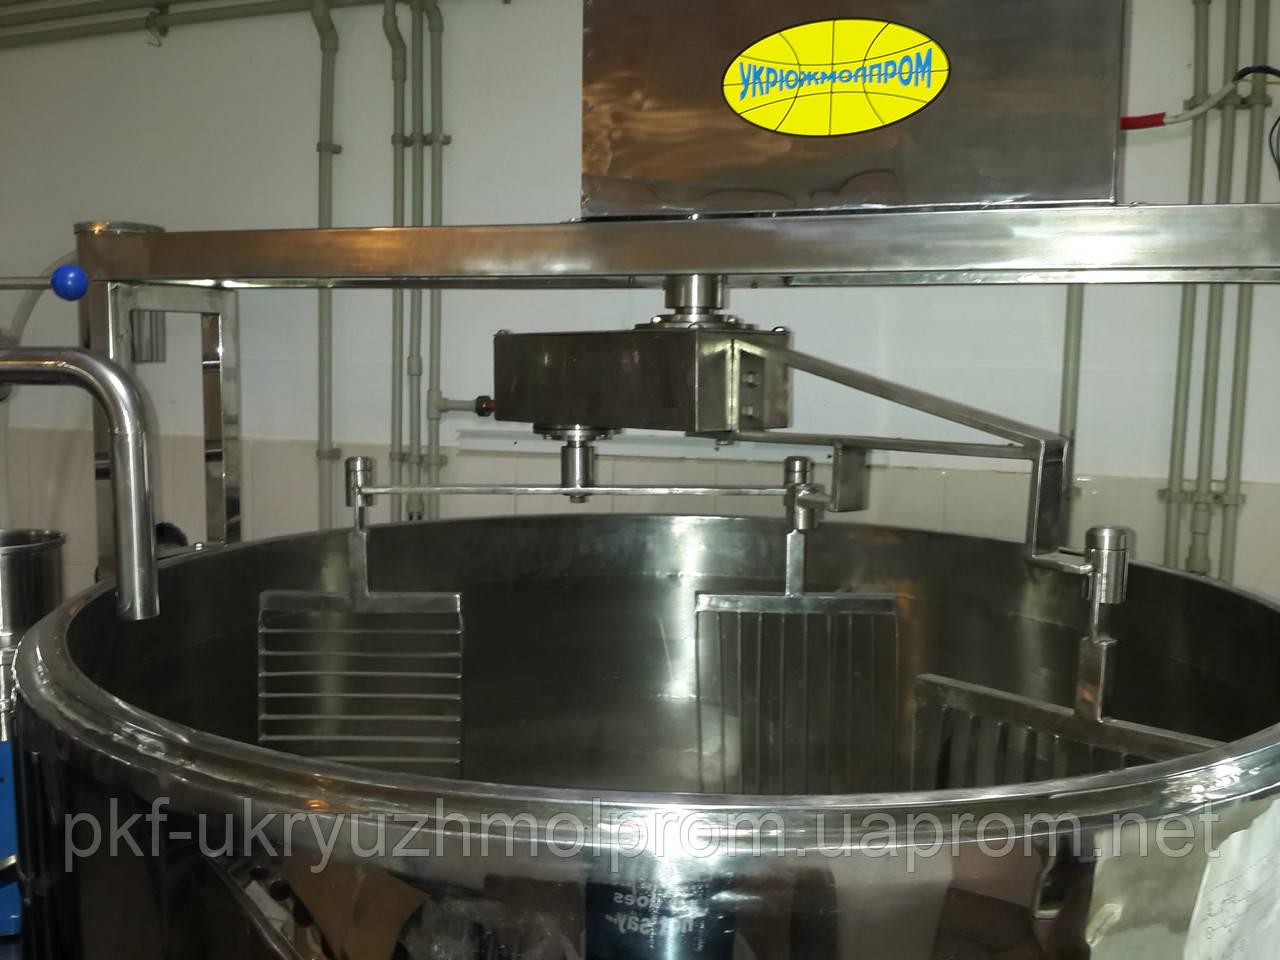 Пастеризатор-сыроизготовитель - ООО ПКФ «УкрЮжМолпром» в Одессе